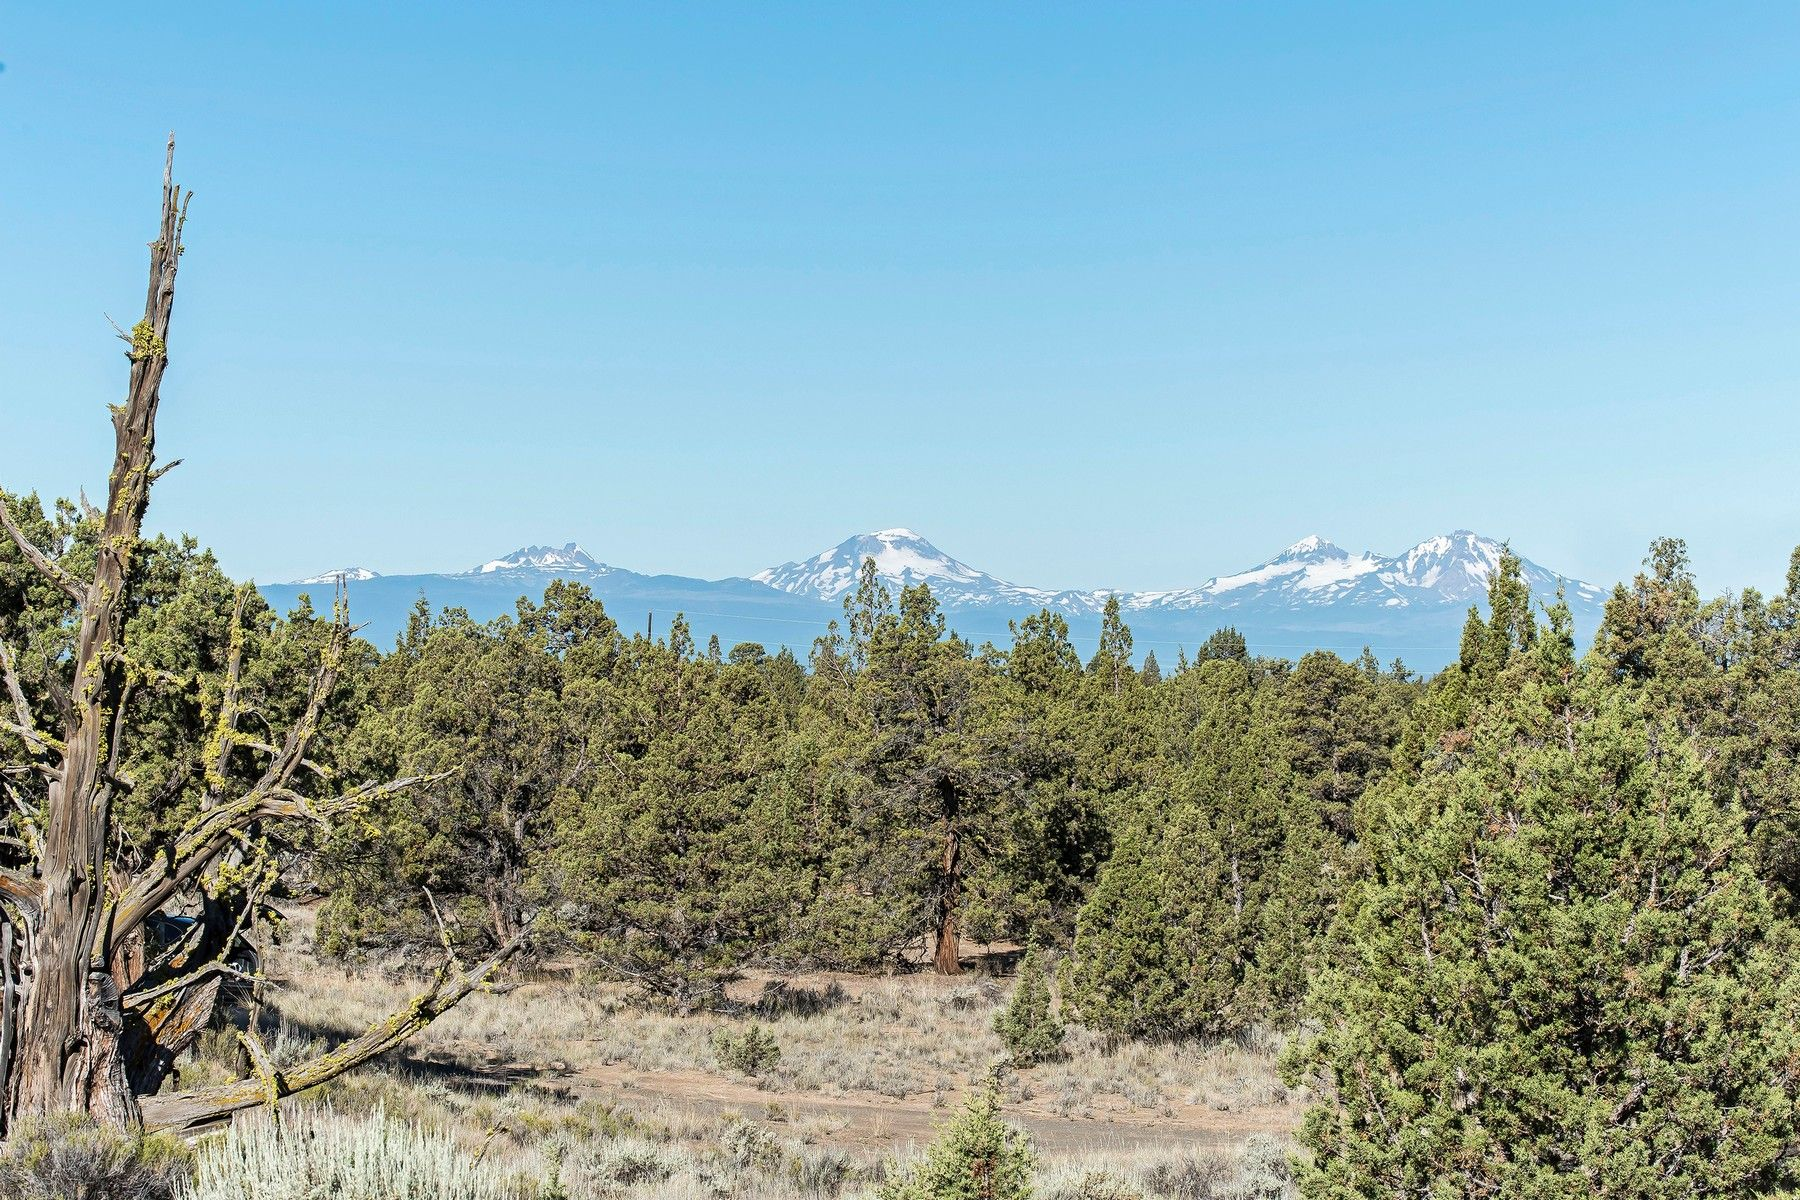 Οικόπεδο για την Πώληση στο 17162 SW Mt McKinley Way Powell Butte, OR 97753 Powell Butte, Ορεγκον 97753 Ηνωμένες Πολιτείες